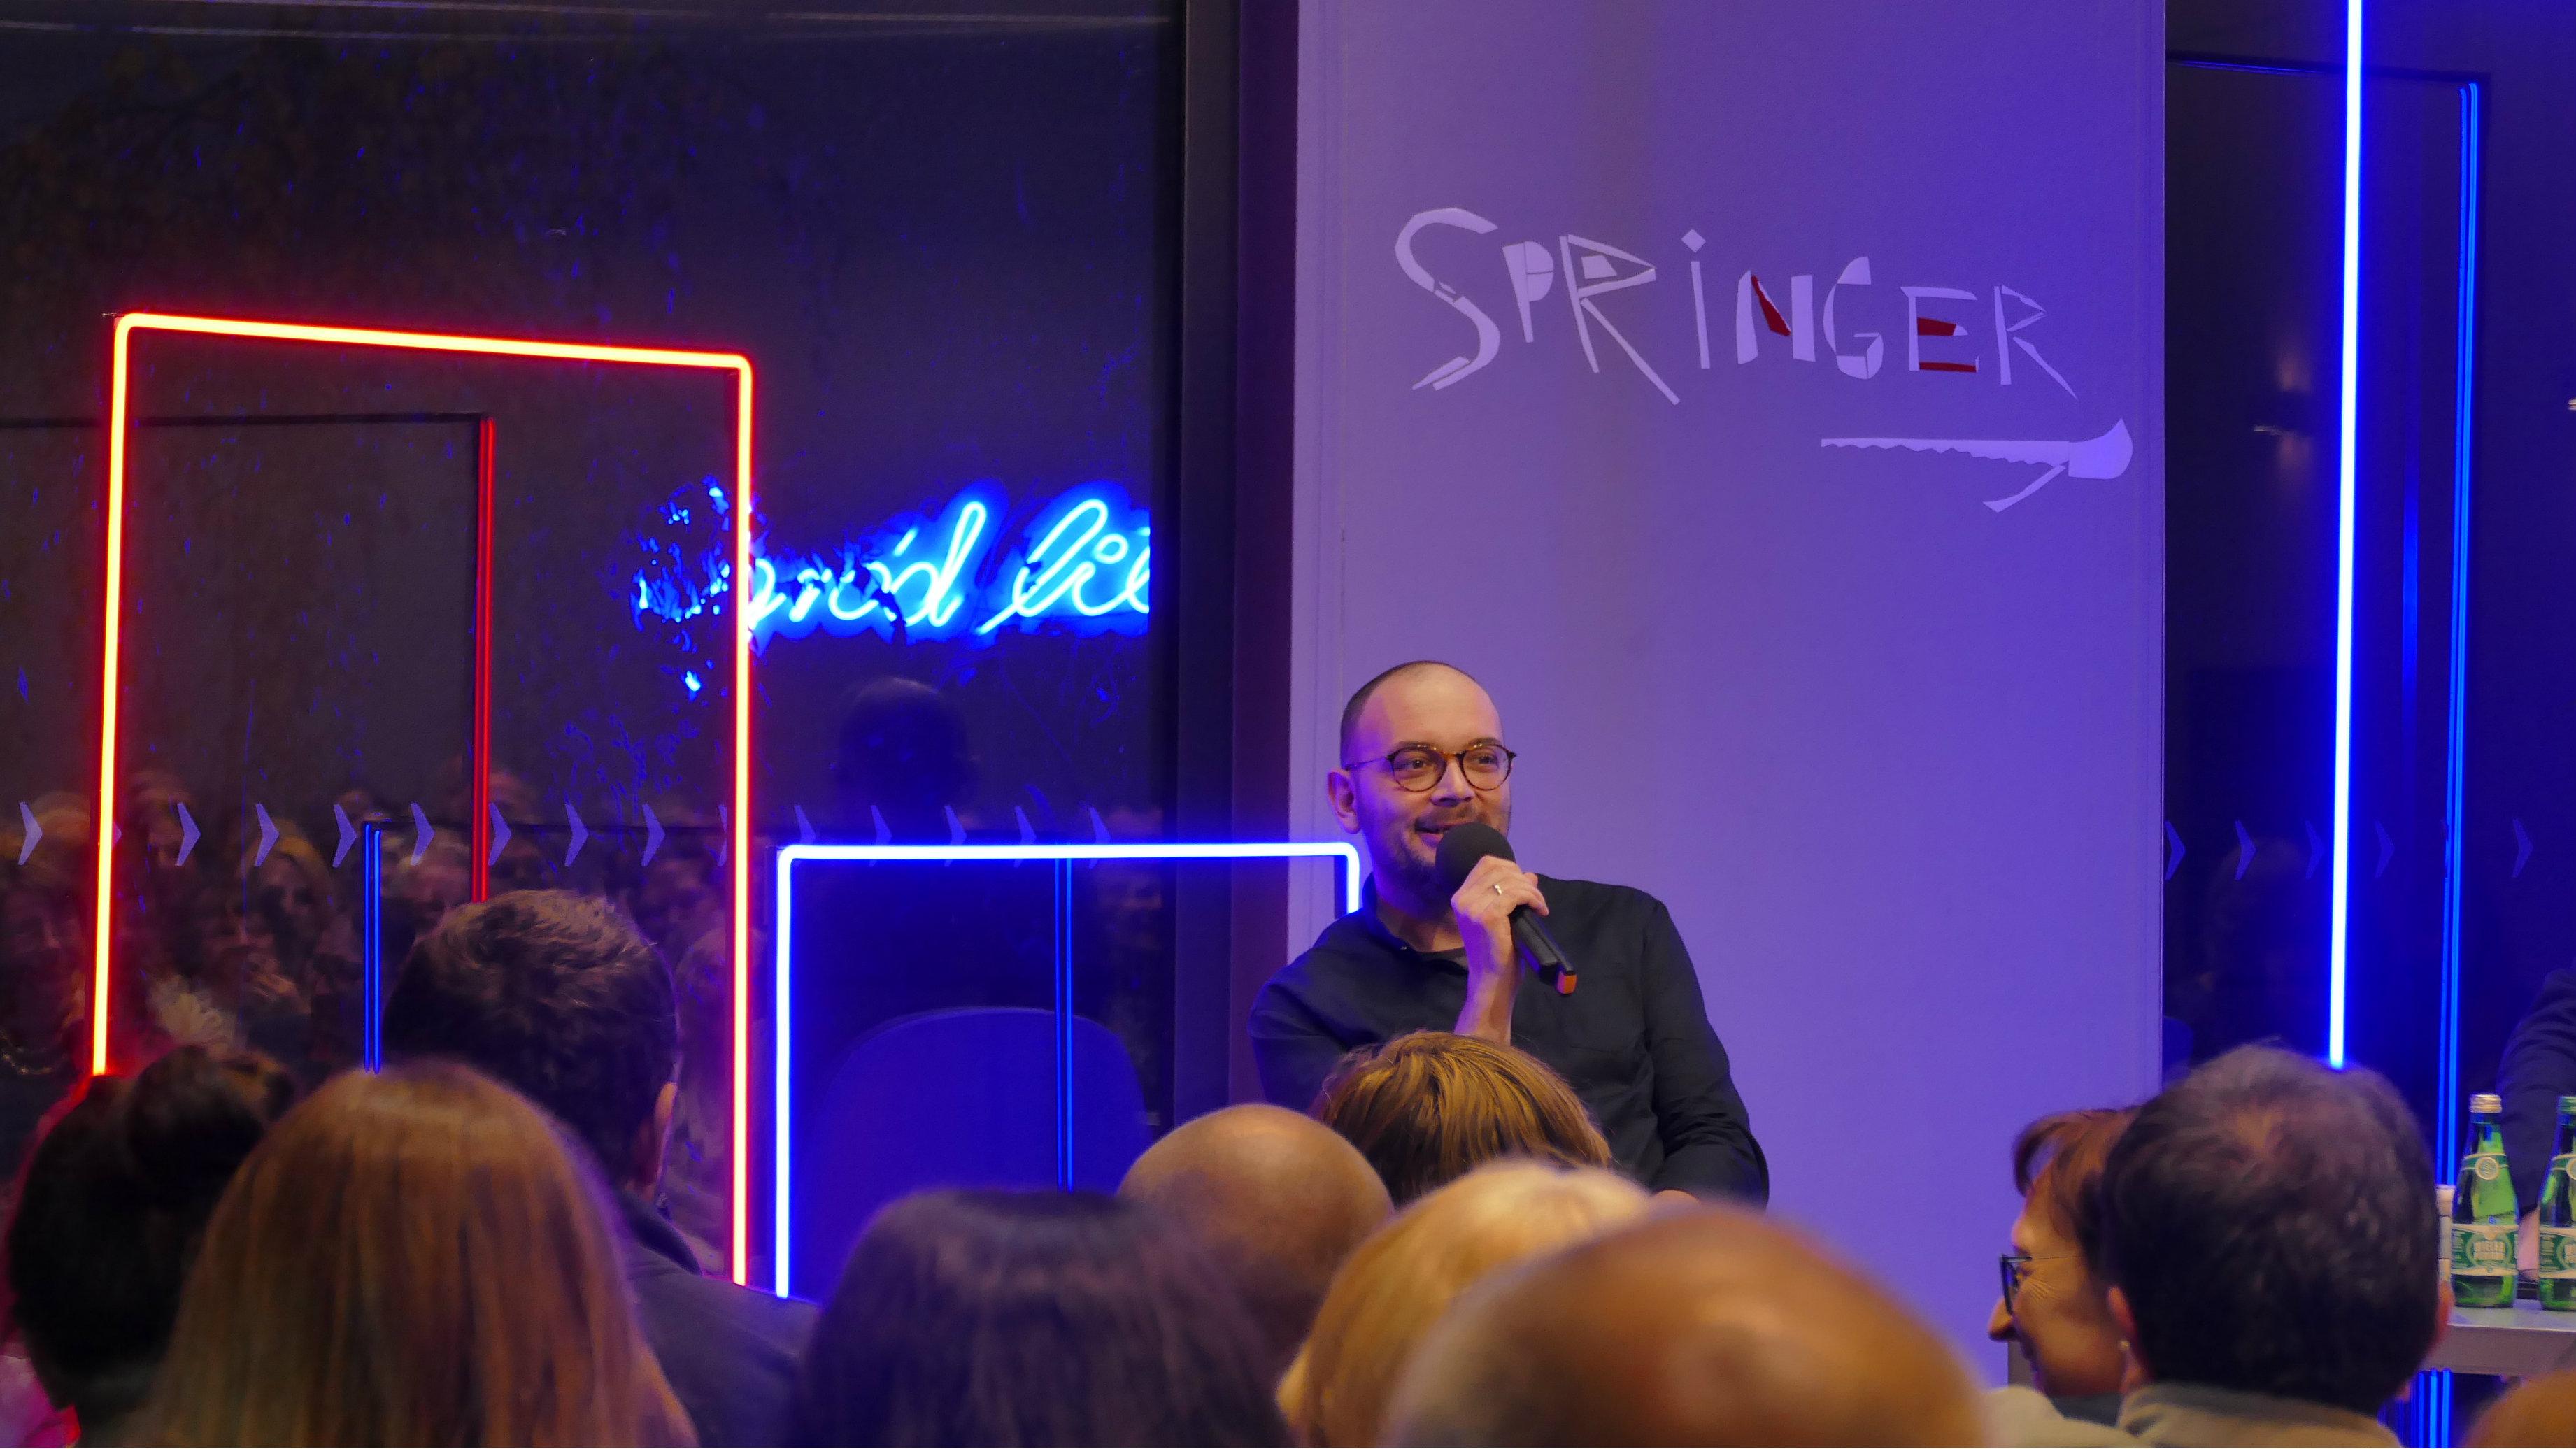 Spotkanie autorskie z Filipem Springerem w MBP w Opolu © [fot. Małgorzata Ślusarczyk]